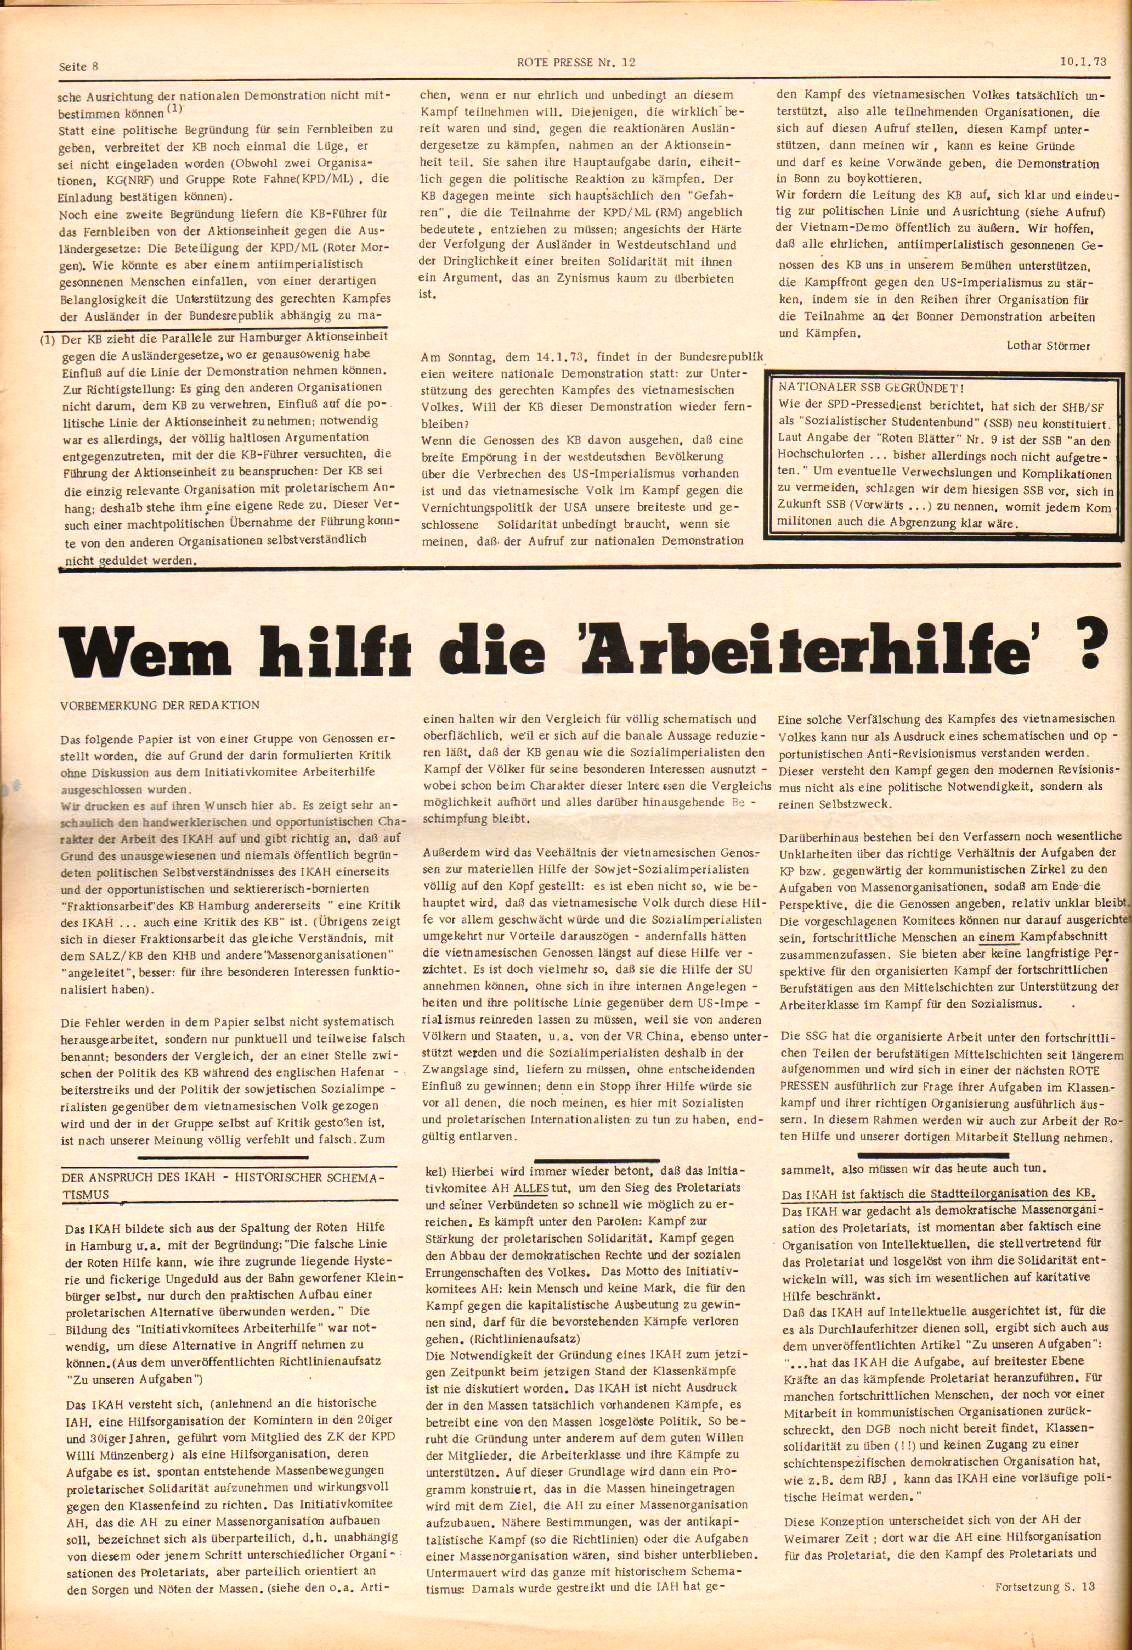 Hamburg_Rote_Presse089